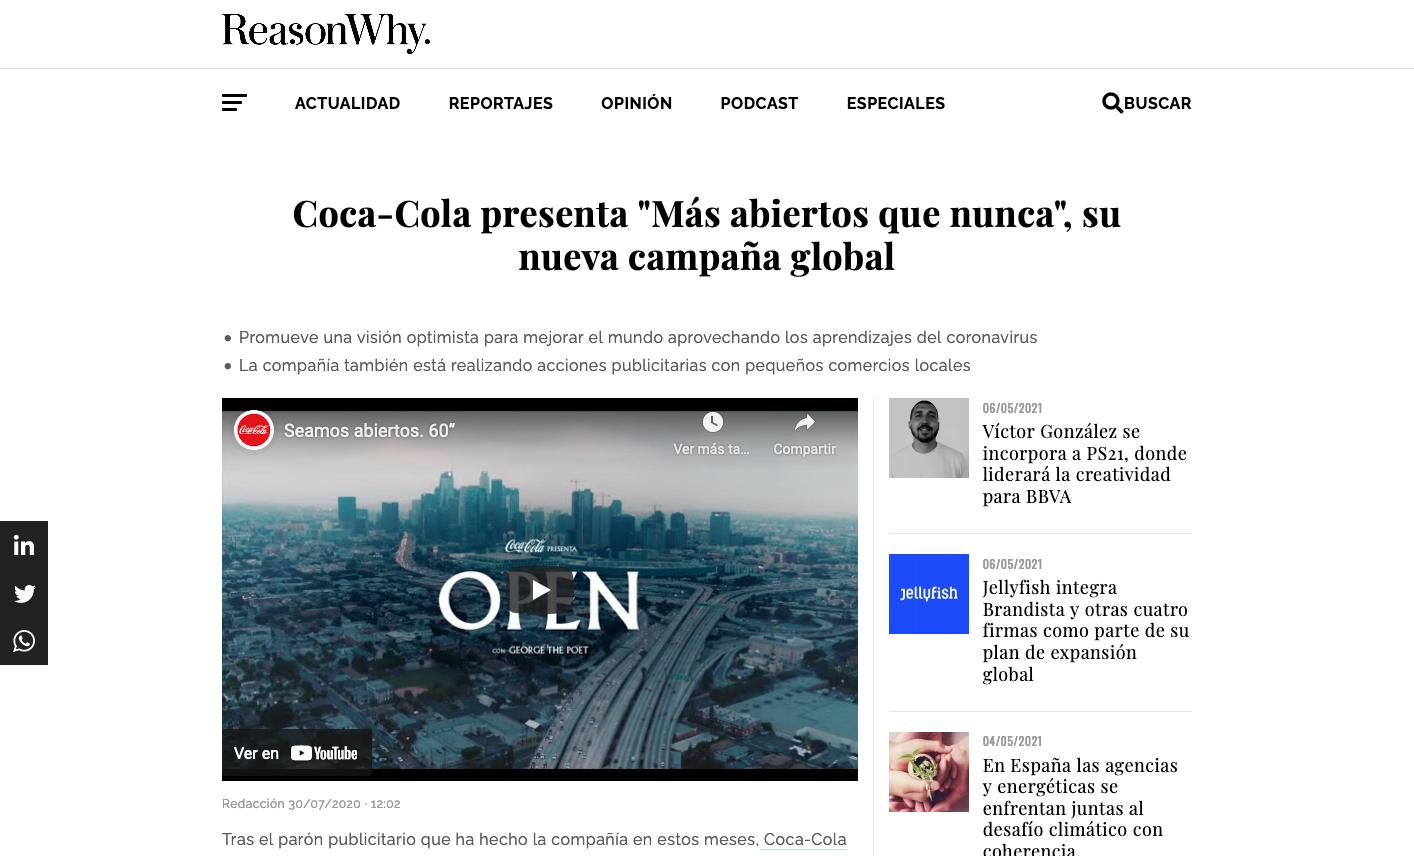 La publicidad de las grandes compañías ante la pandemia global